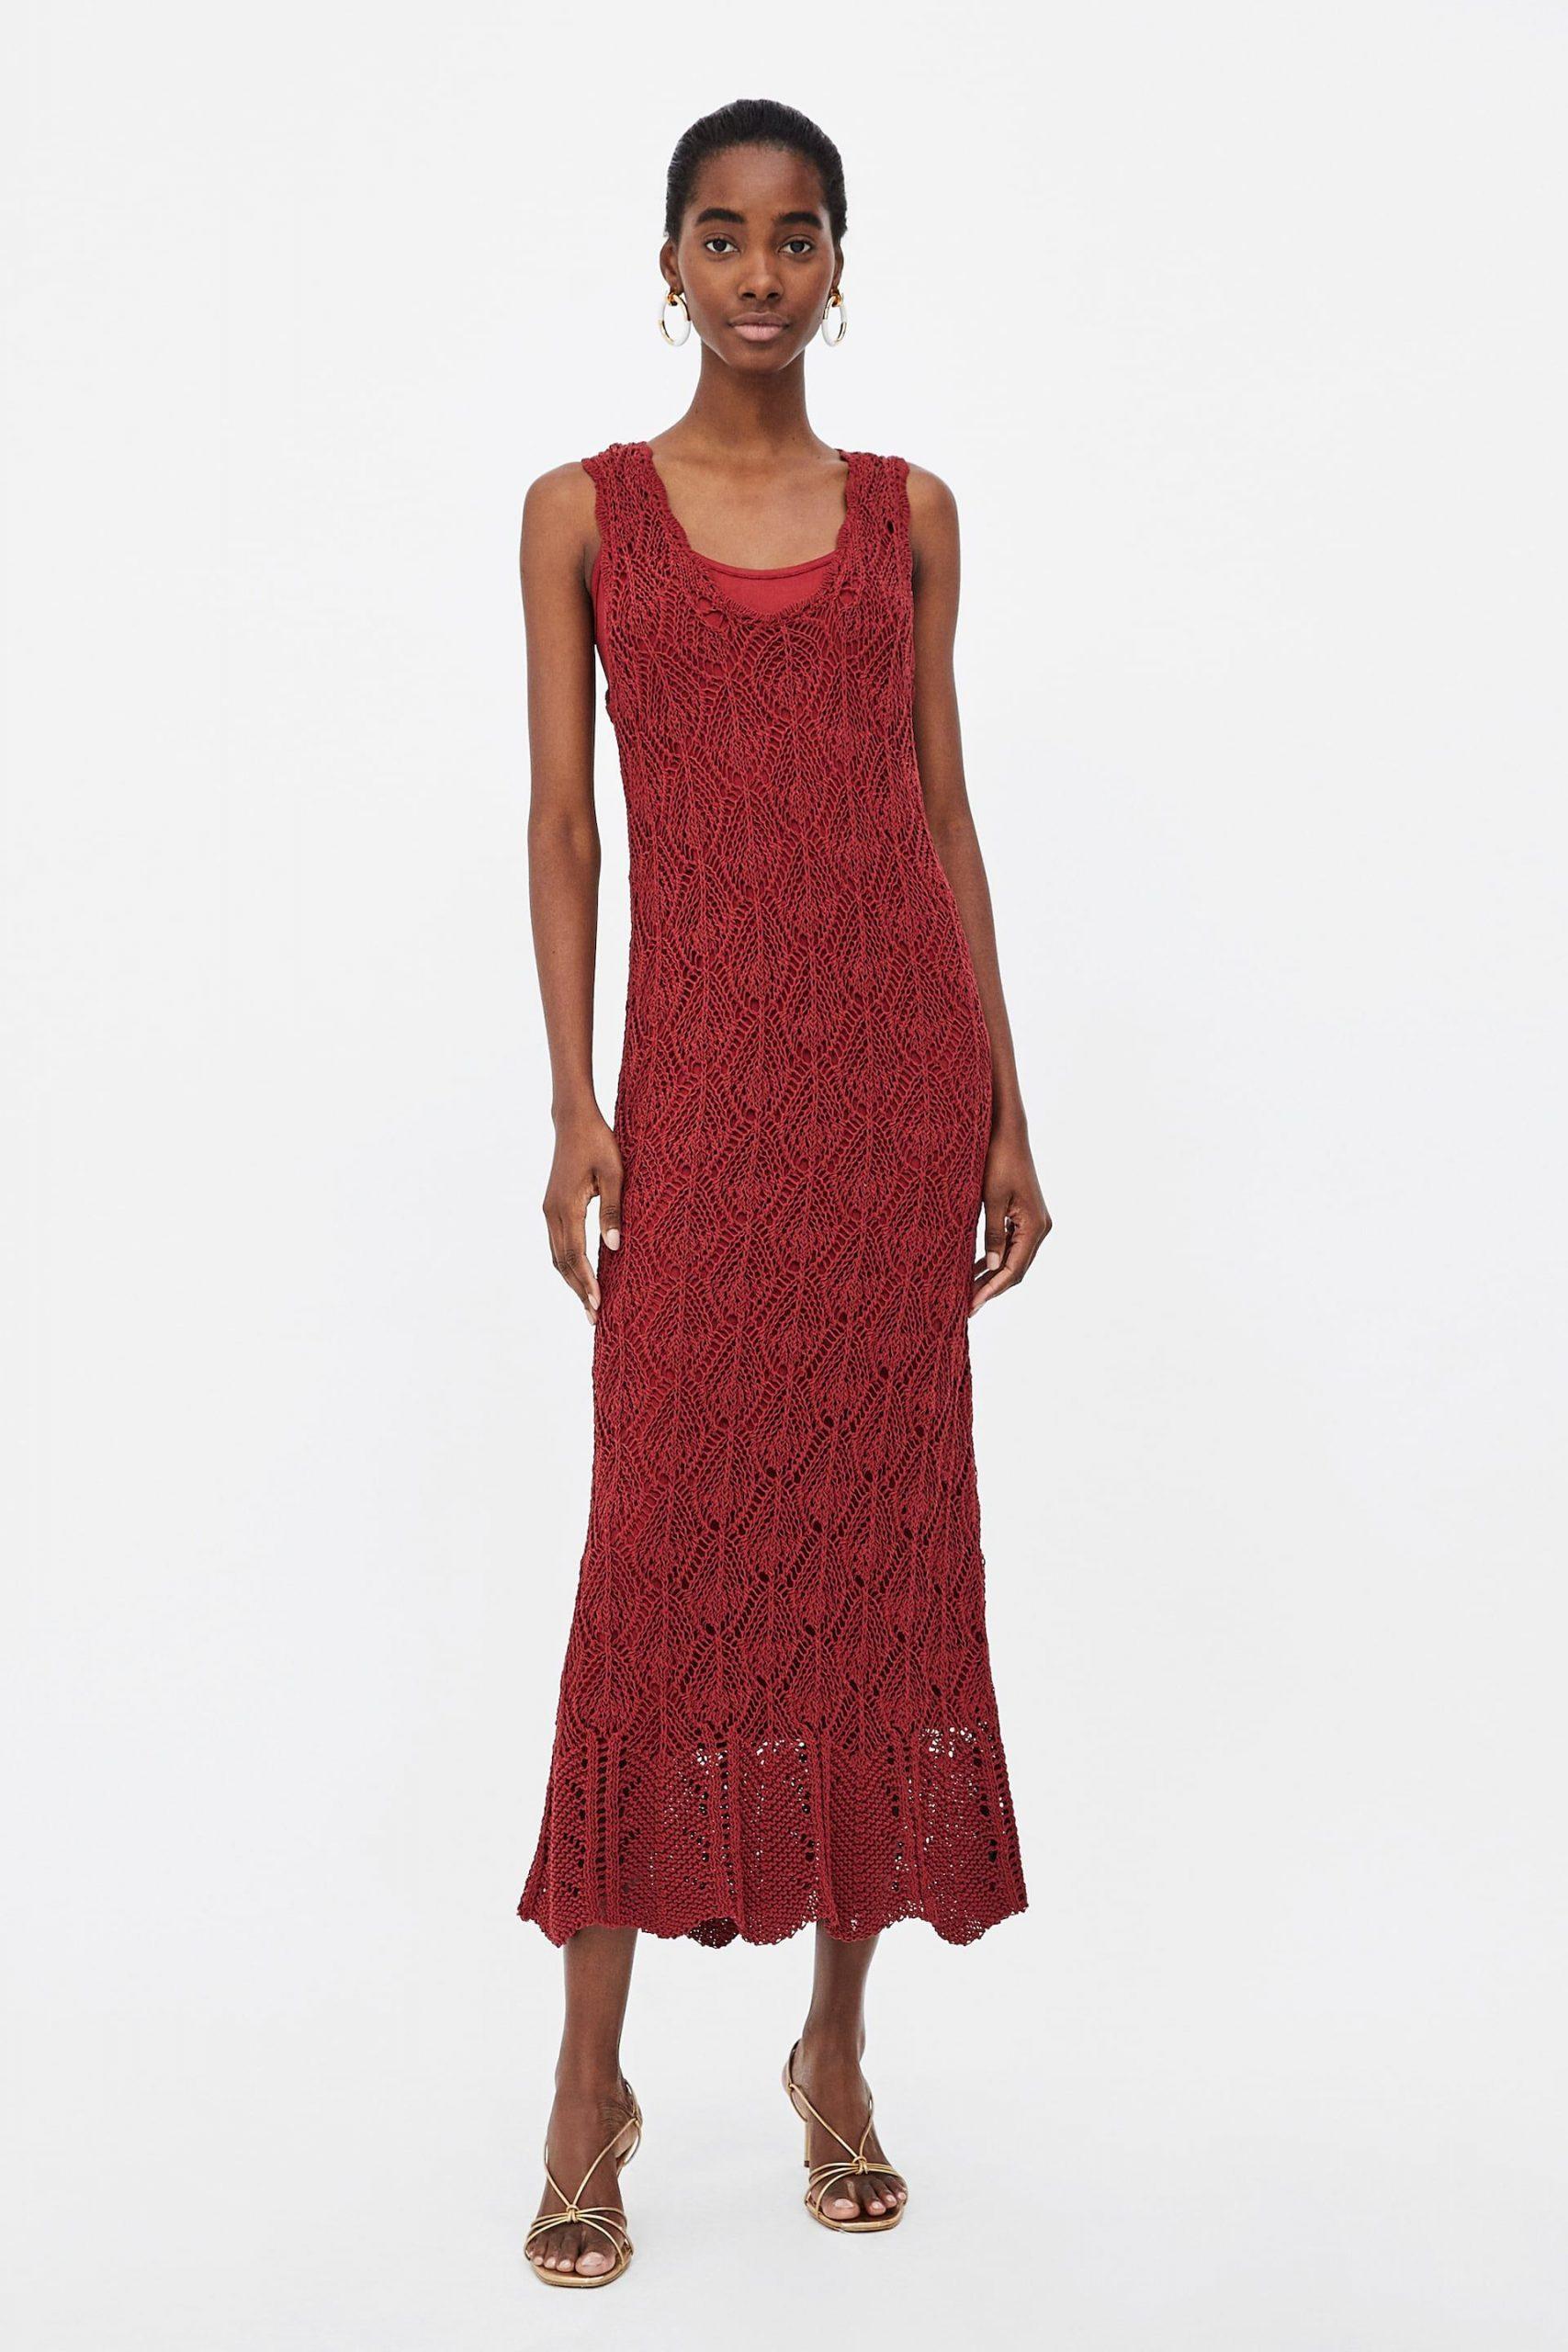 Image 1 Of Openwork Knit Dress From Zara  Kleider